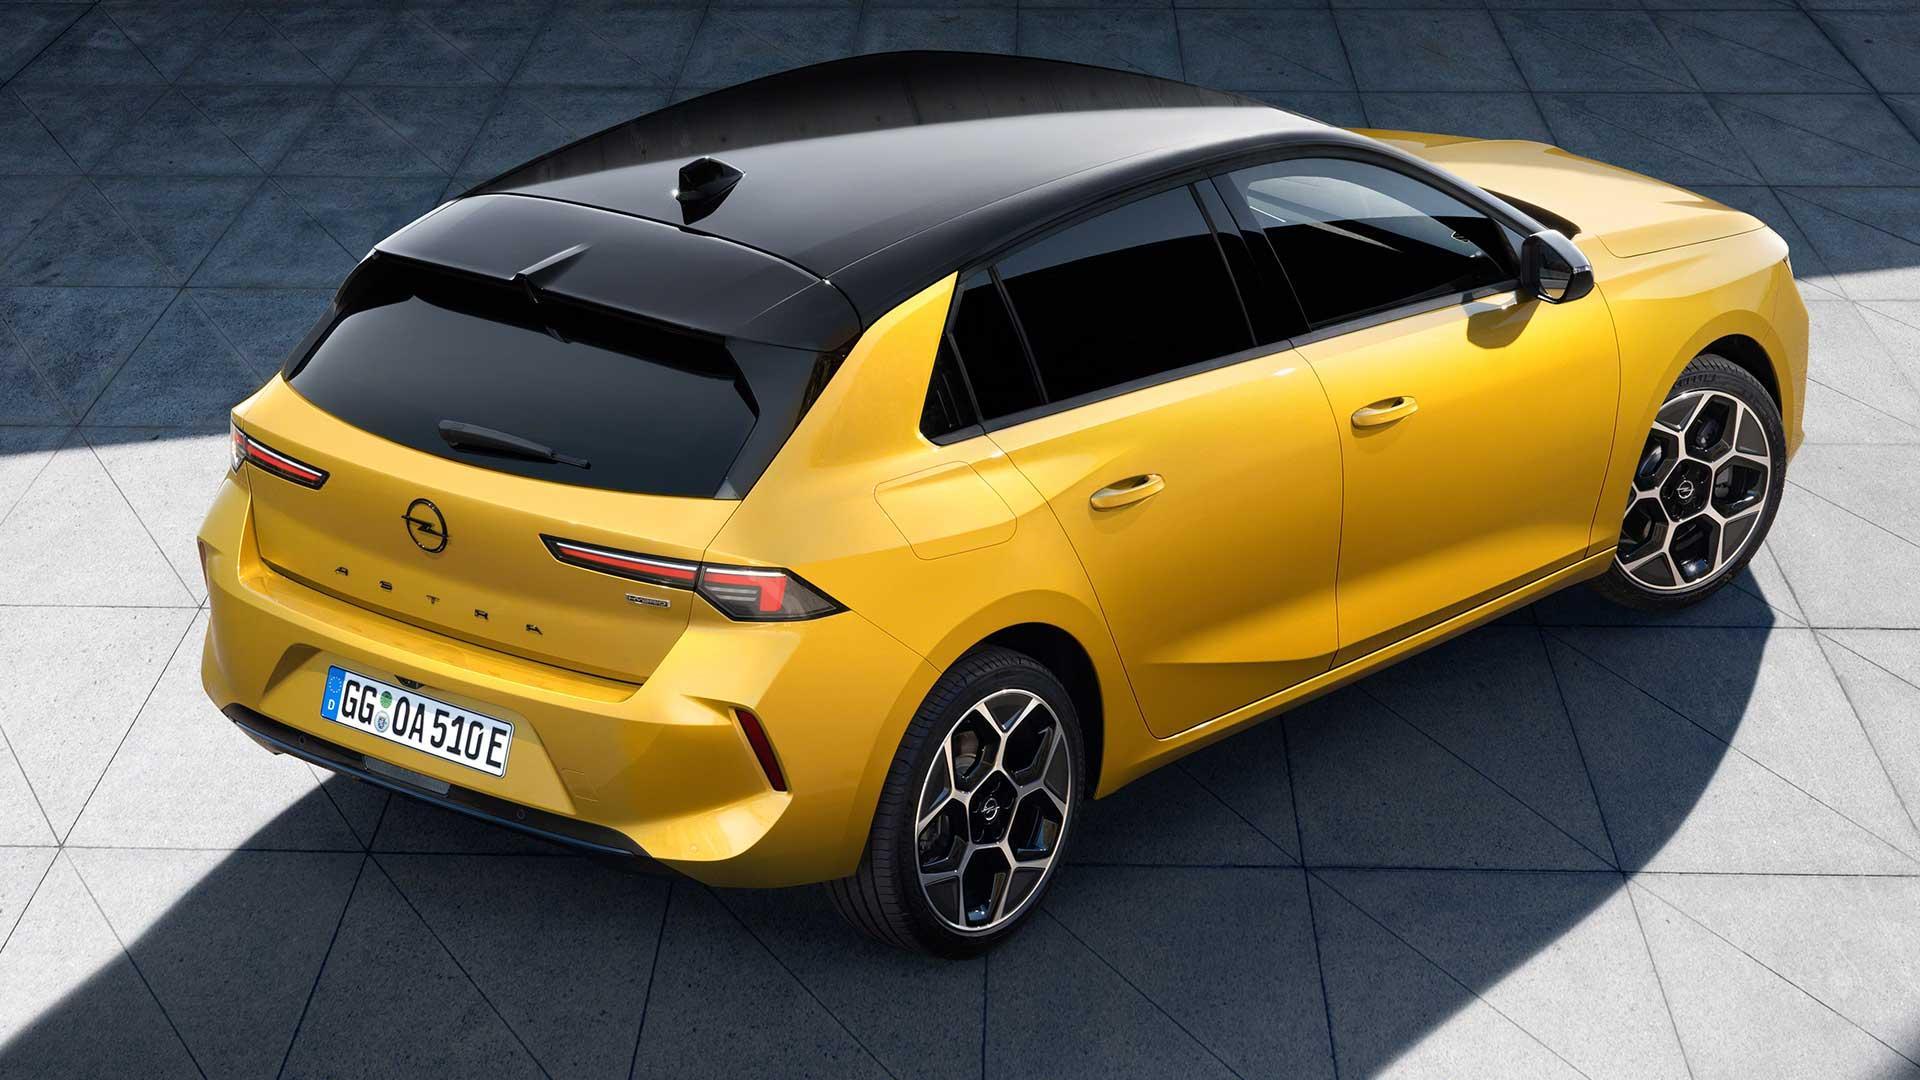 Achterkant Opel Astra (2021) (geel)